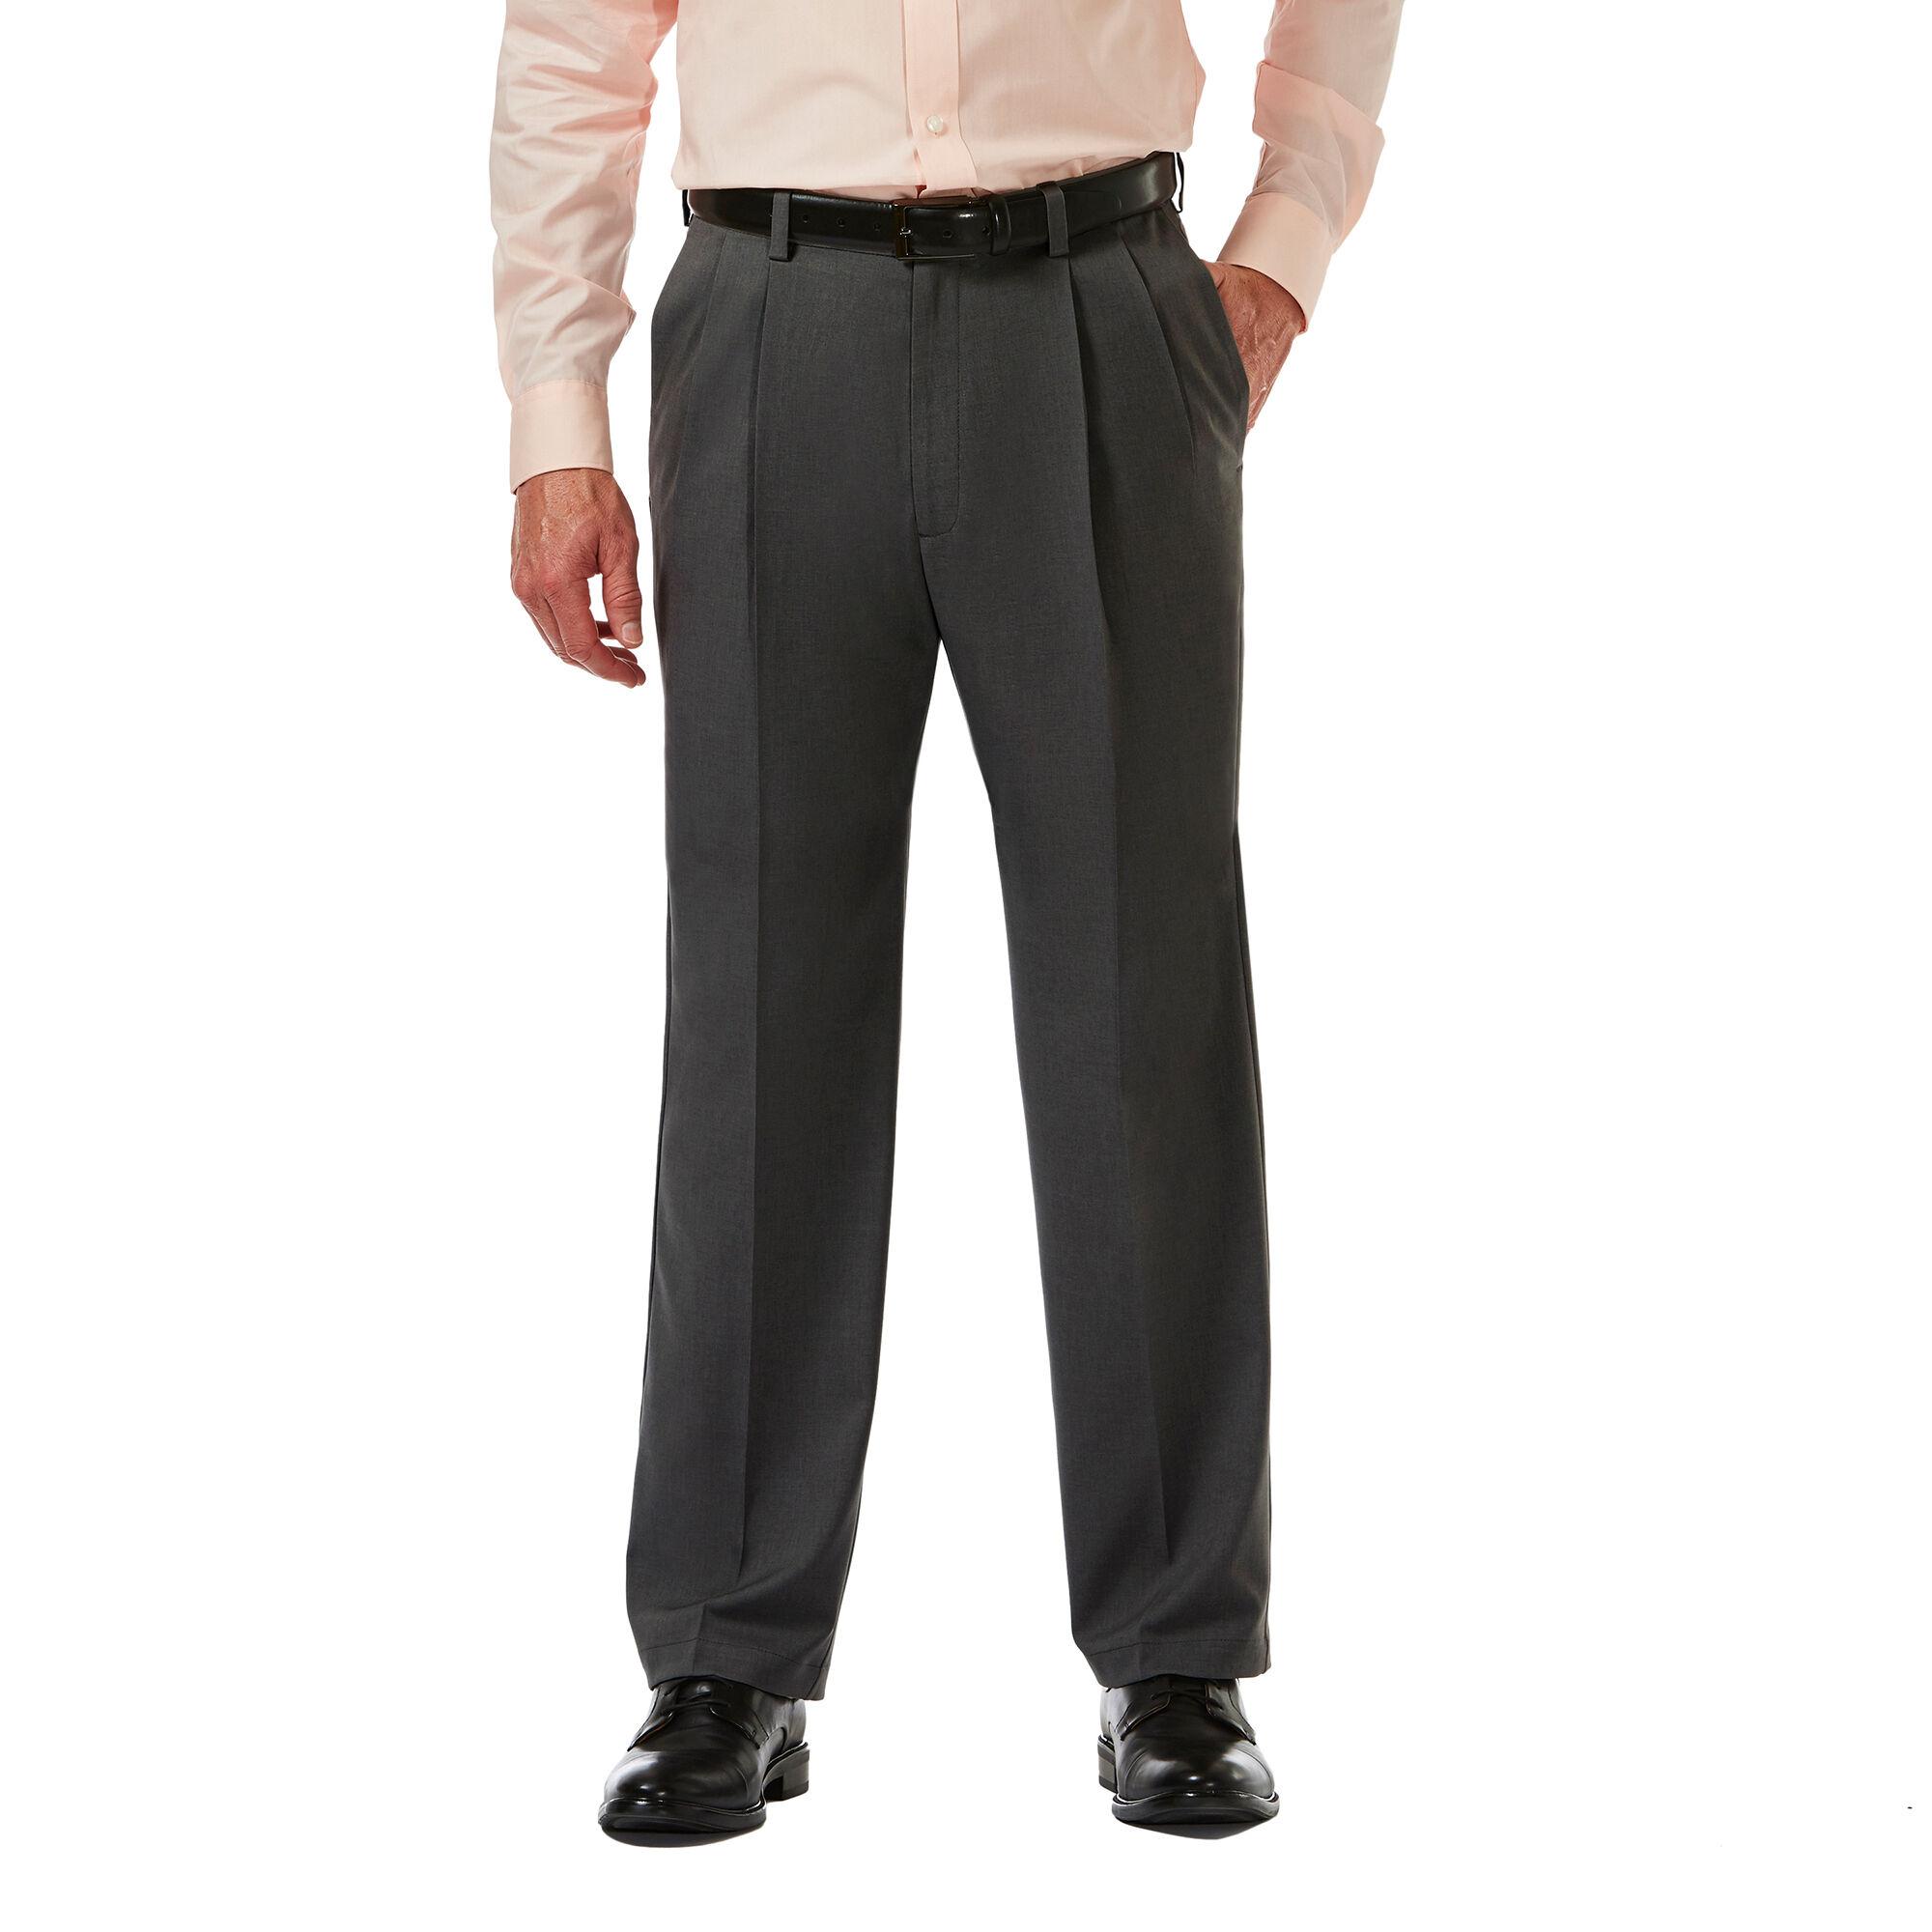 Men's Pants - Casual Khakis, Dress Slacks, & Shorts at Haggar